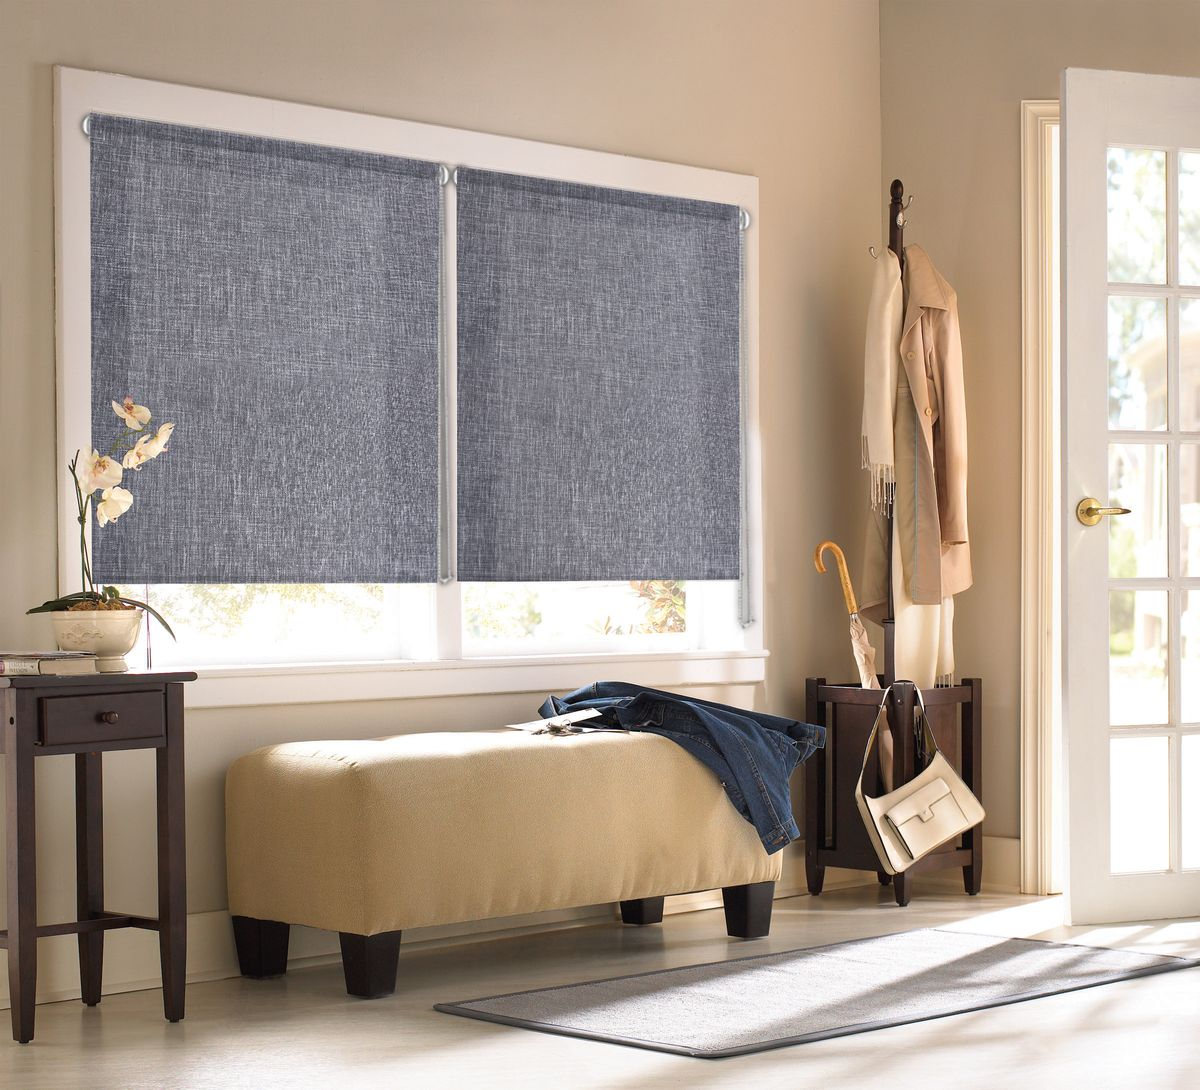 Штора рулонная Эскар Миниролло. Меланж, цвет: серый, ширина 62 см, высота 160 см304948062160Рулонными шторами Эскар Миниролло. Меланж можно оформлять окна как самостоятельно, так и использовать в комбинации с портьерами. Это поможет предотвратить выгорание дорогой ткани на солнце и соединит функционал рулонных с красотой навесных. Преимущества применения рулонных штор для пластиковых окон: - имеют прекрасный внешний вид: многообразие и фактурность материала изделия отлично смотрятся в любом интерьере;- многофункциональны: есть возможность подобрать шторы способные эффективно защитить комнату от солнца, при этом она не будет слишком темной. - Есть возможность осуществить быстрый монтаж.ВНИМАНИЕ!Размеры ширины изделия указаны по ширине ткани! Для выбора правильного размера необходимо учитывать - ткань должна закрывать оконное стекло на 3 см.